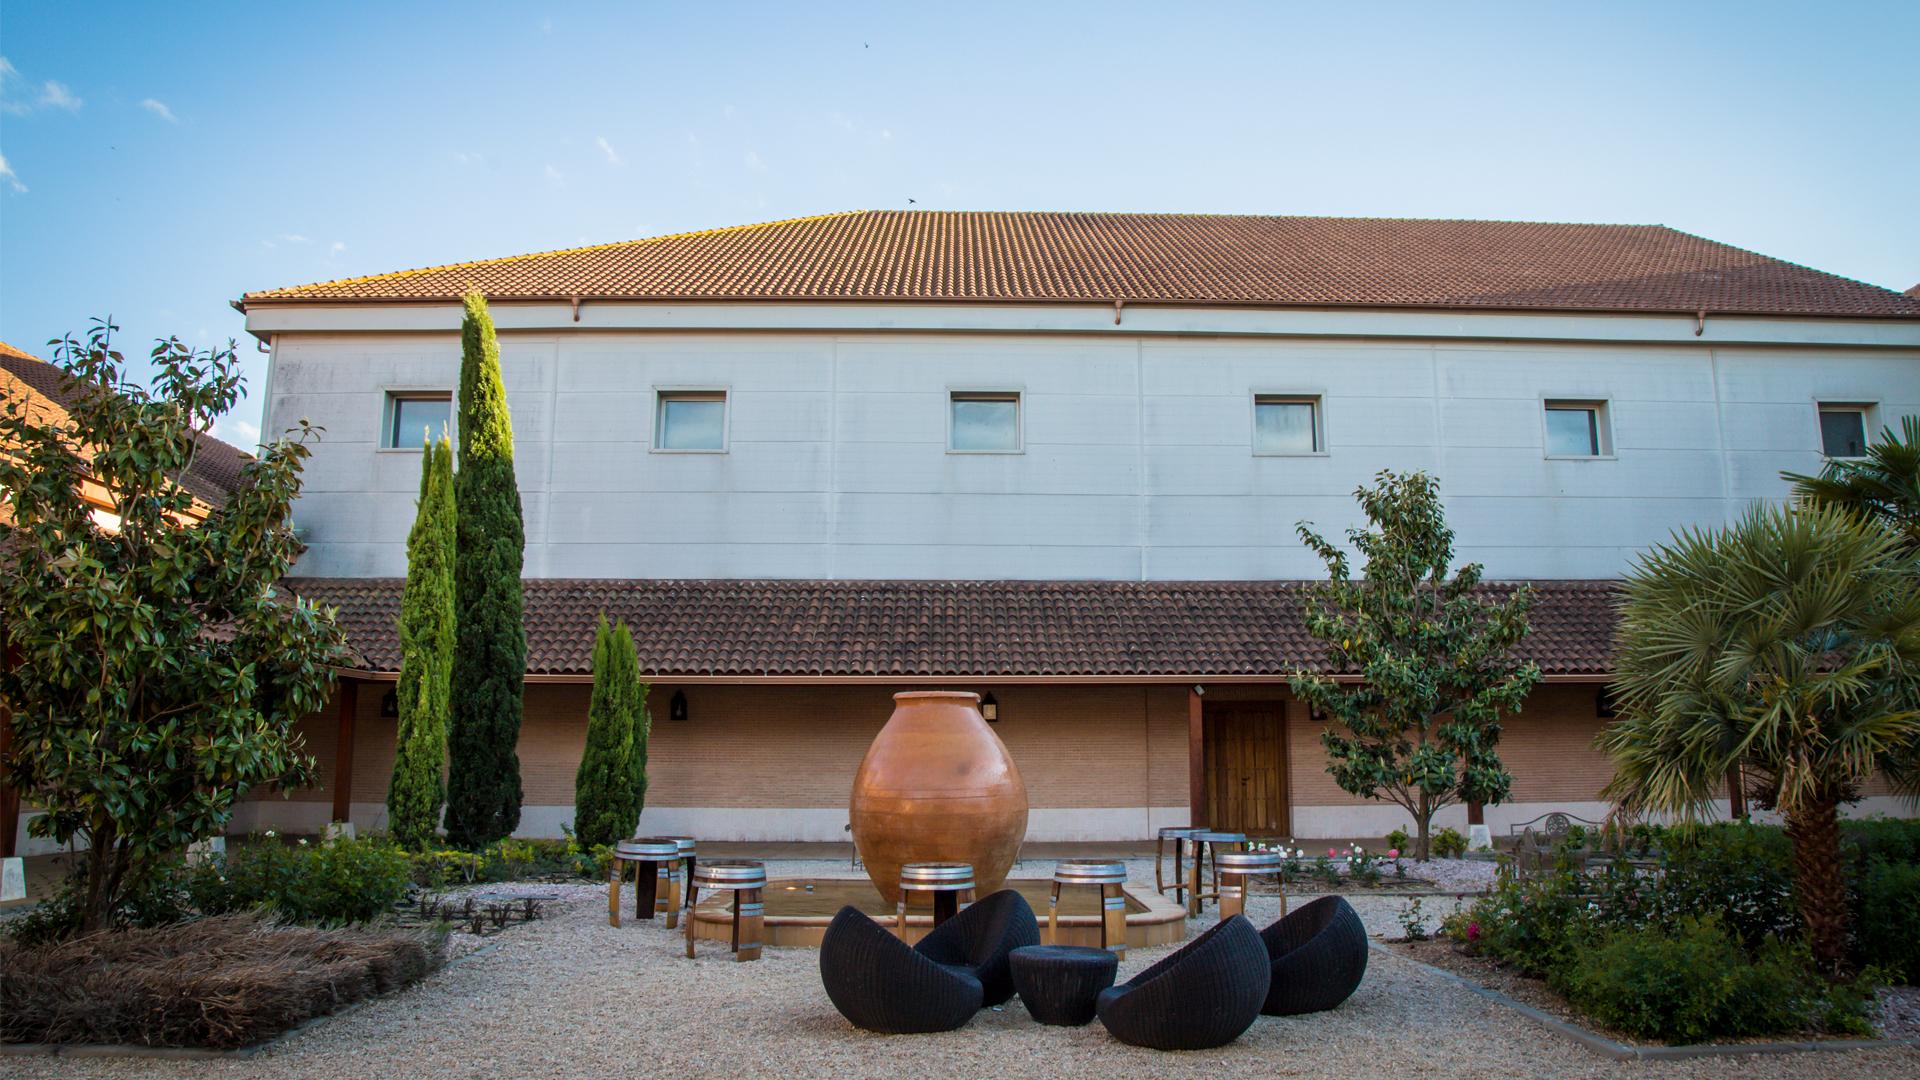 Enoturismo, Bodas, Hotel en Hacienda Albae La Mancha